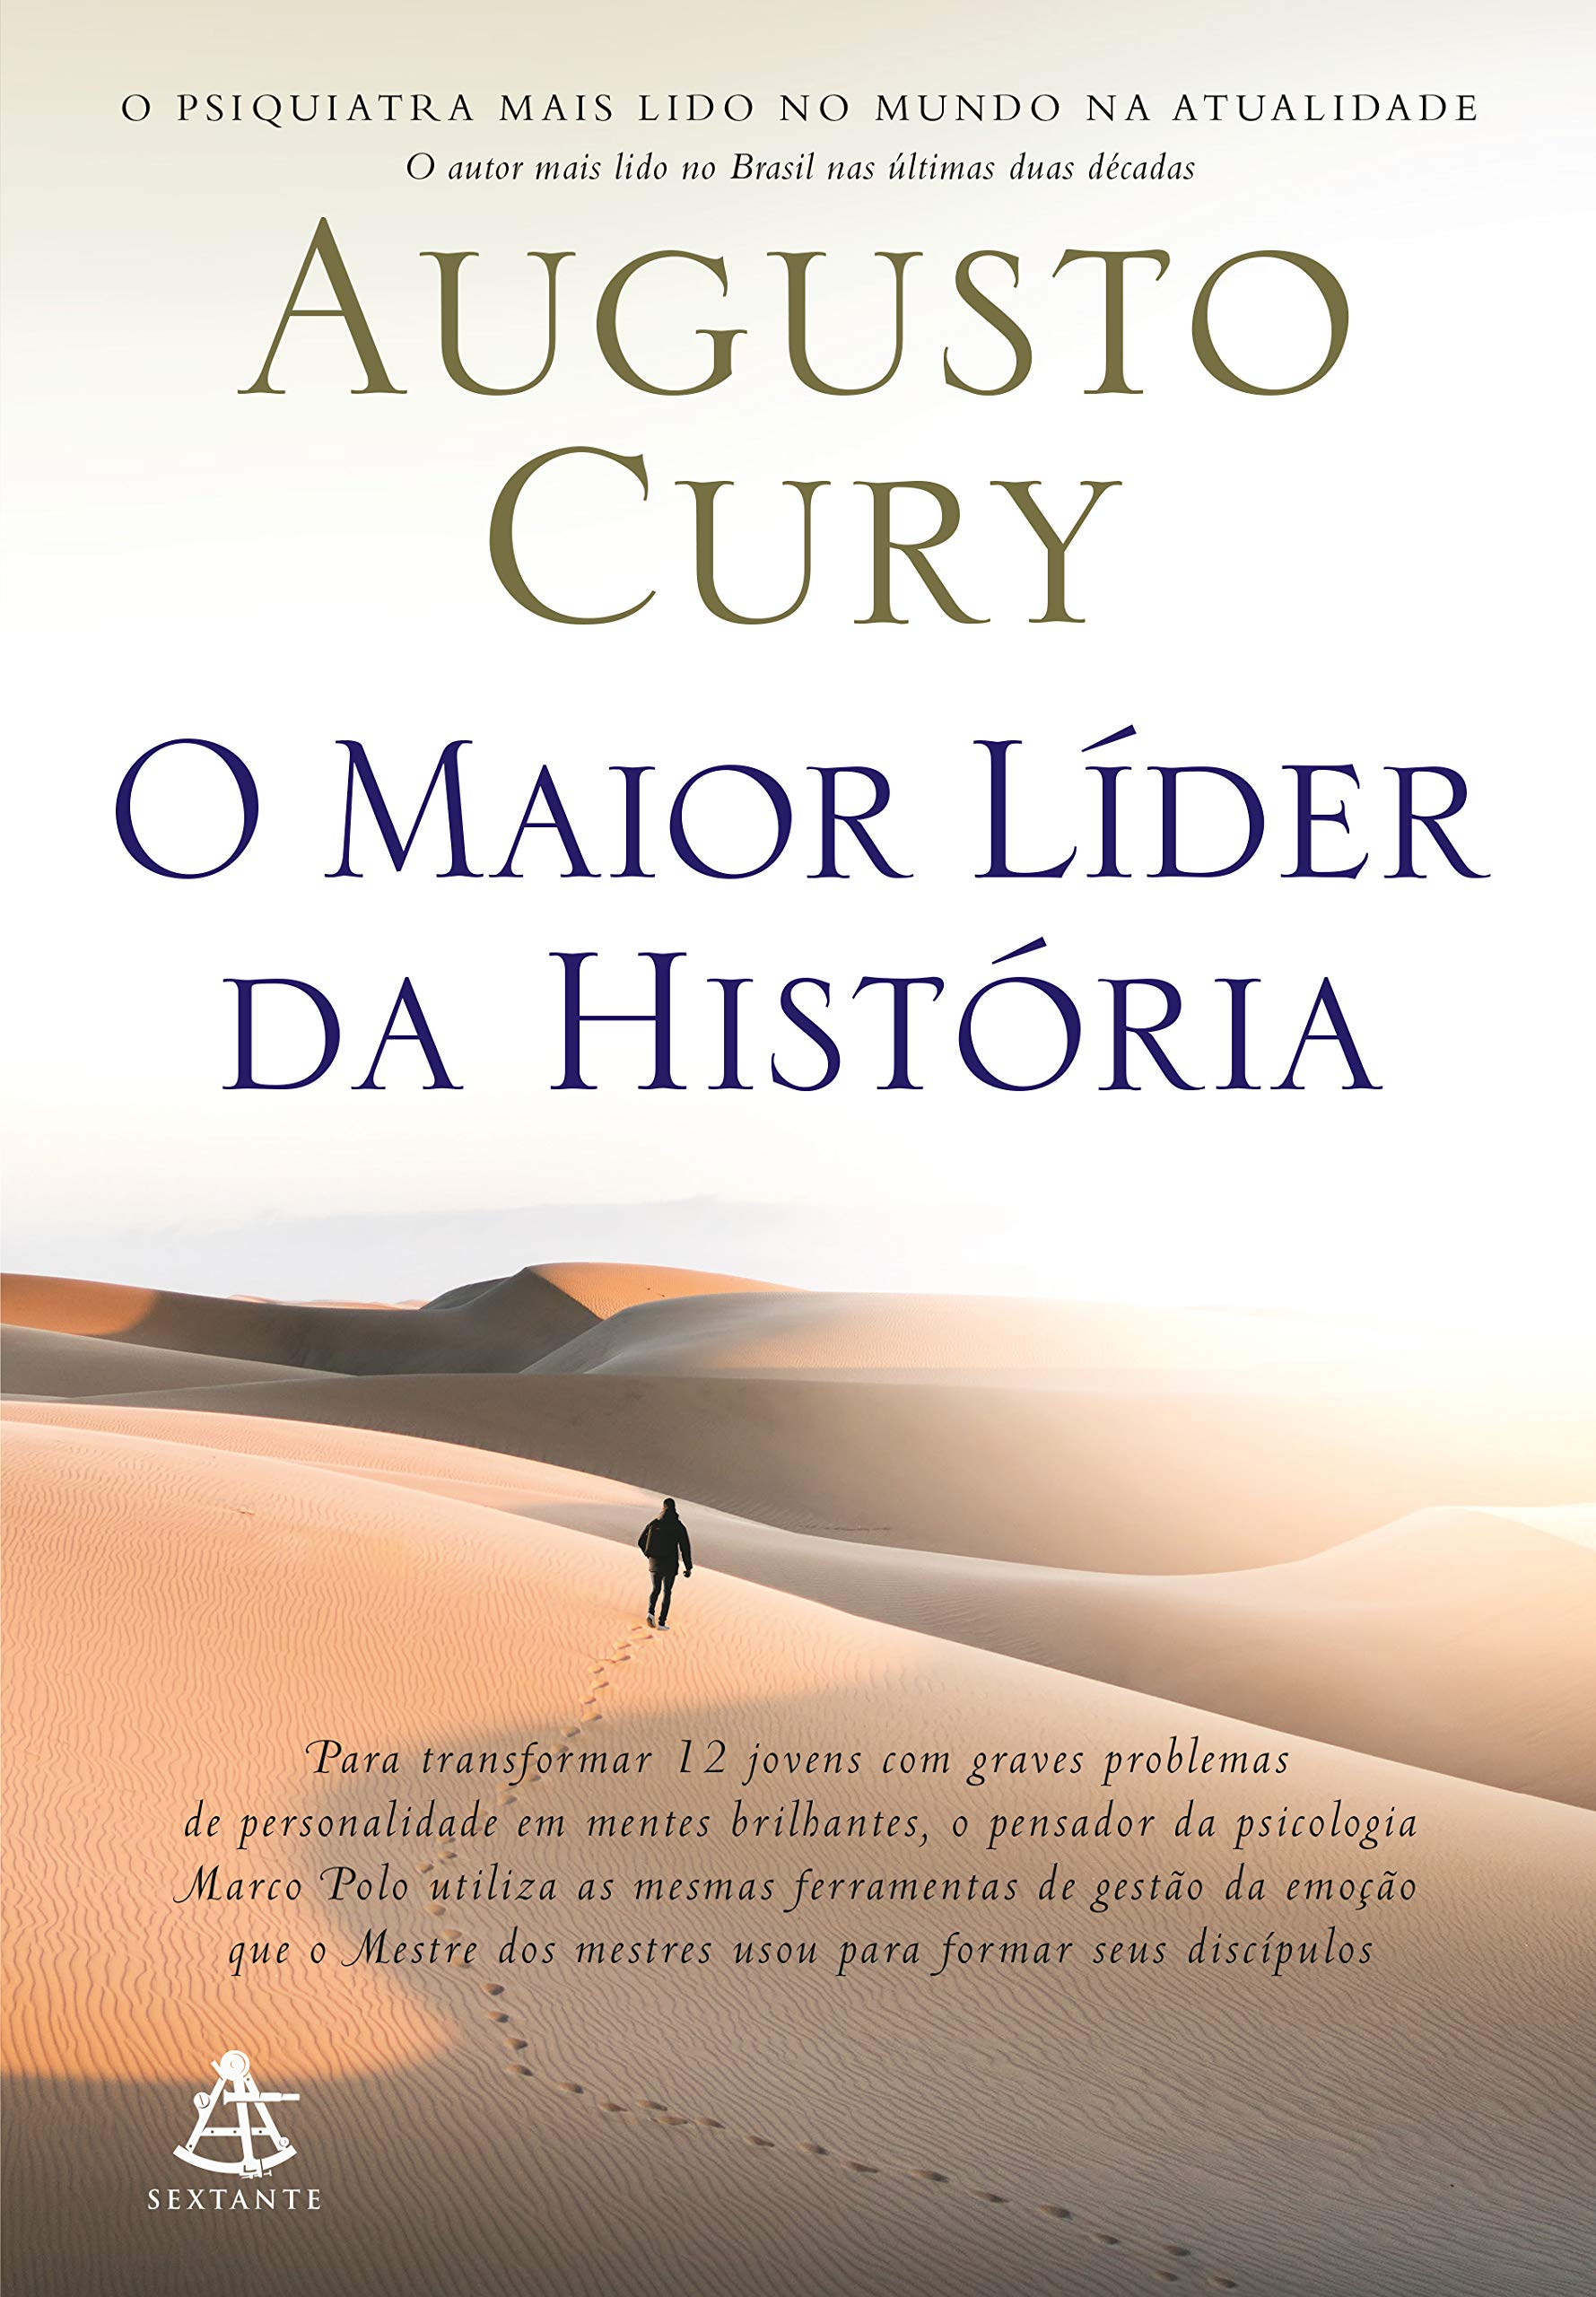 Livro 'O maior líder da história' por Augusto Cury